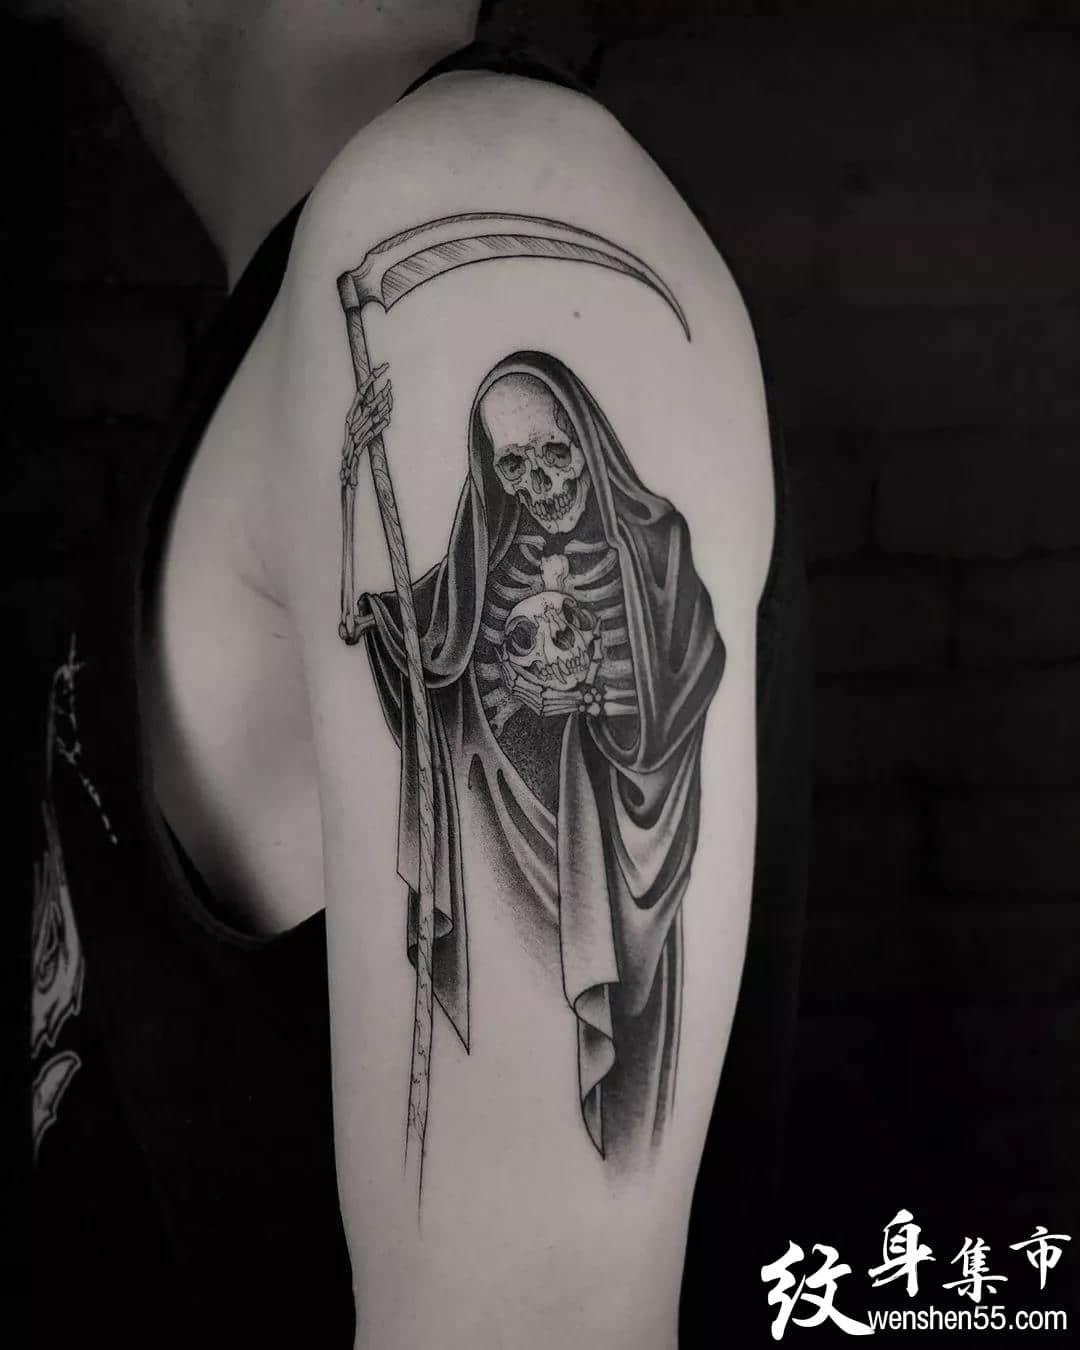 黑灰oldschol纹身,黑灰oldschol纹身手稿图案